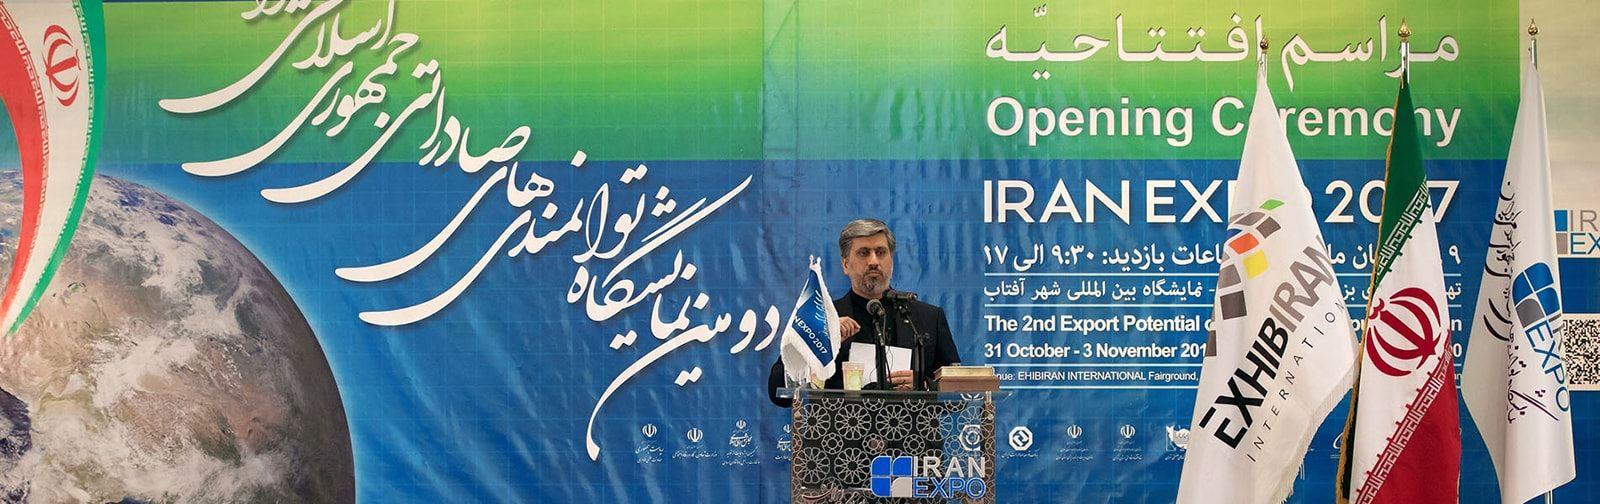 مراسم افتتاحیه ایران اکسپو 2017